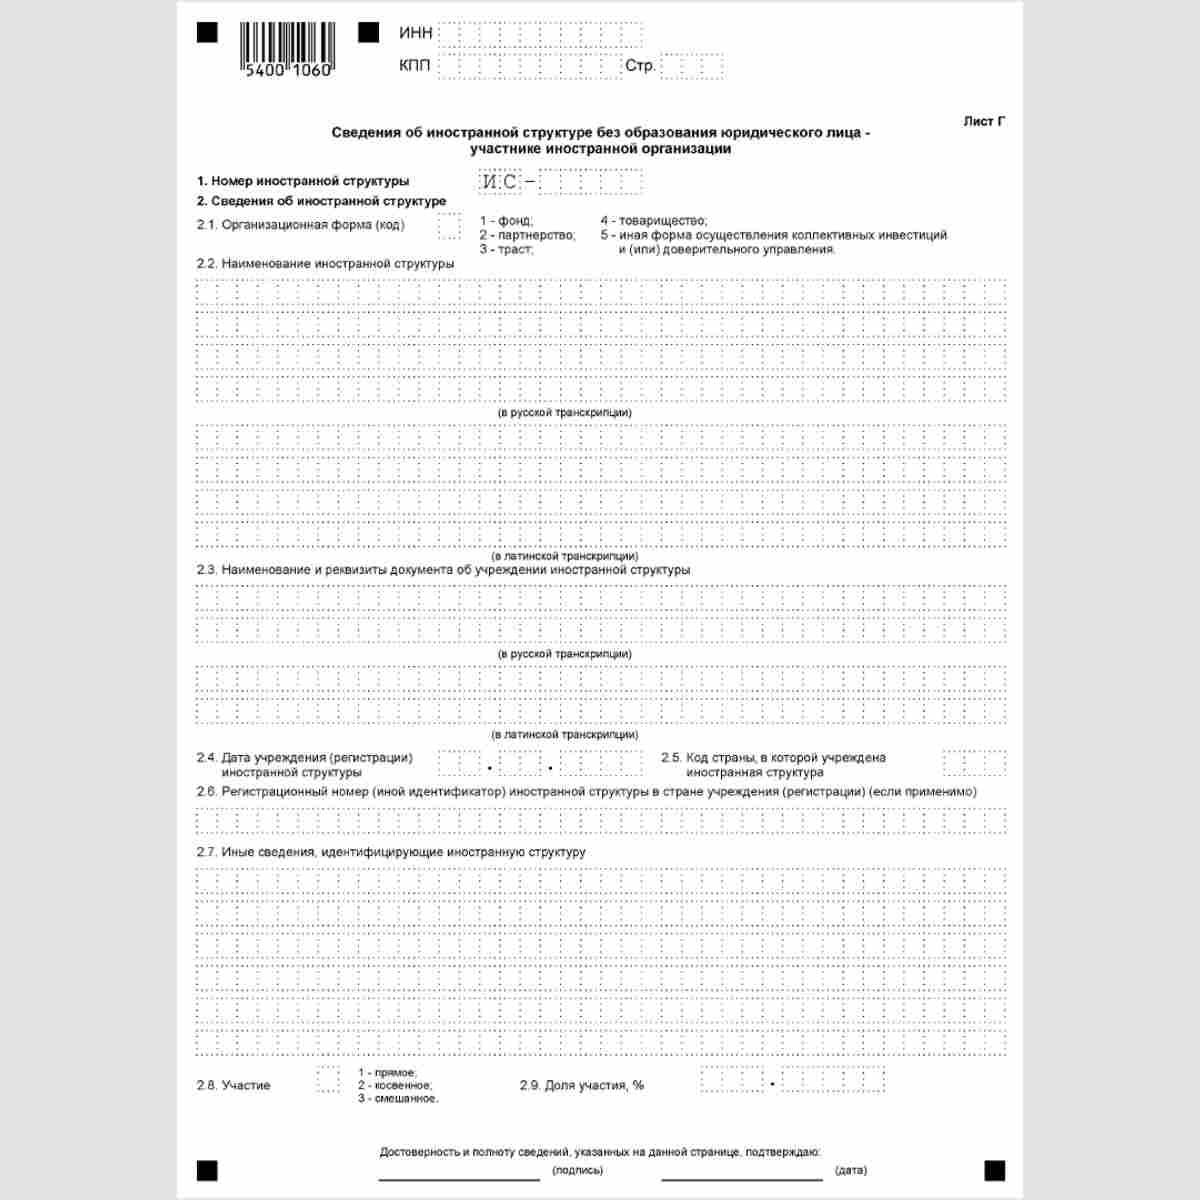 """Форма КНД 1120413 """"Сообщение об участниках иностранной организации (для иностранной структуры без образования юридического лица - о ее учредителях, бенефициарах и управляющих), имеющей имущество, признаваемое объектом налогообложения в соответствии со ста"""